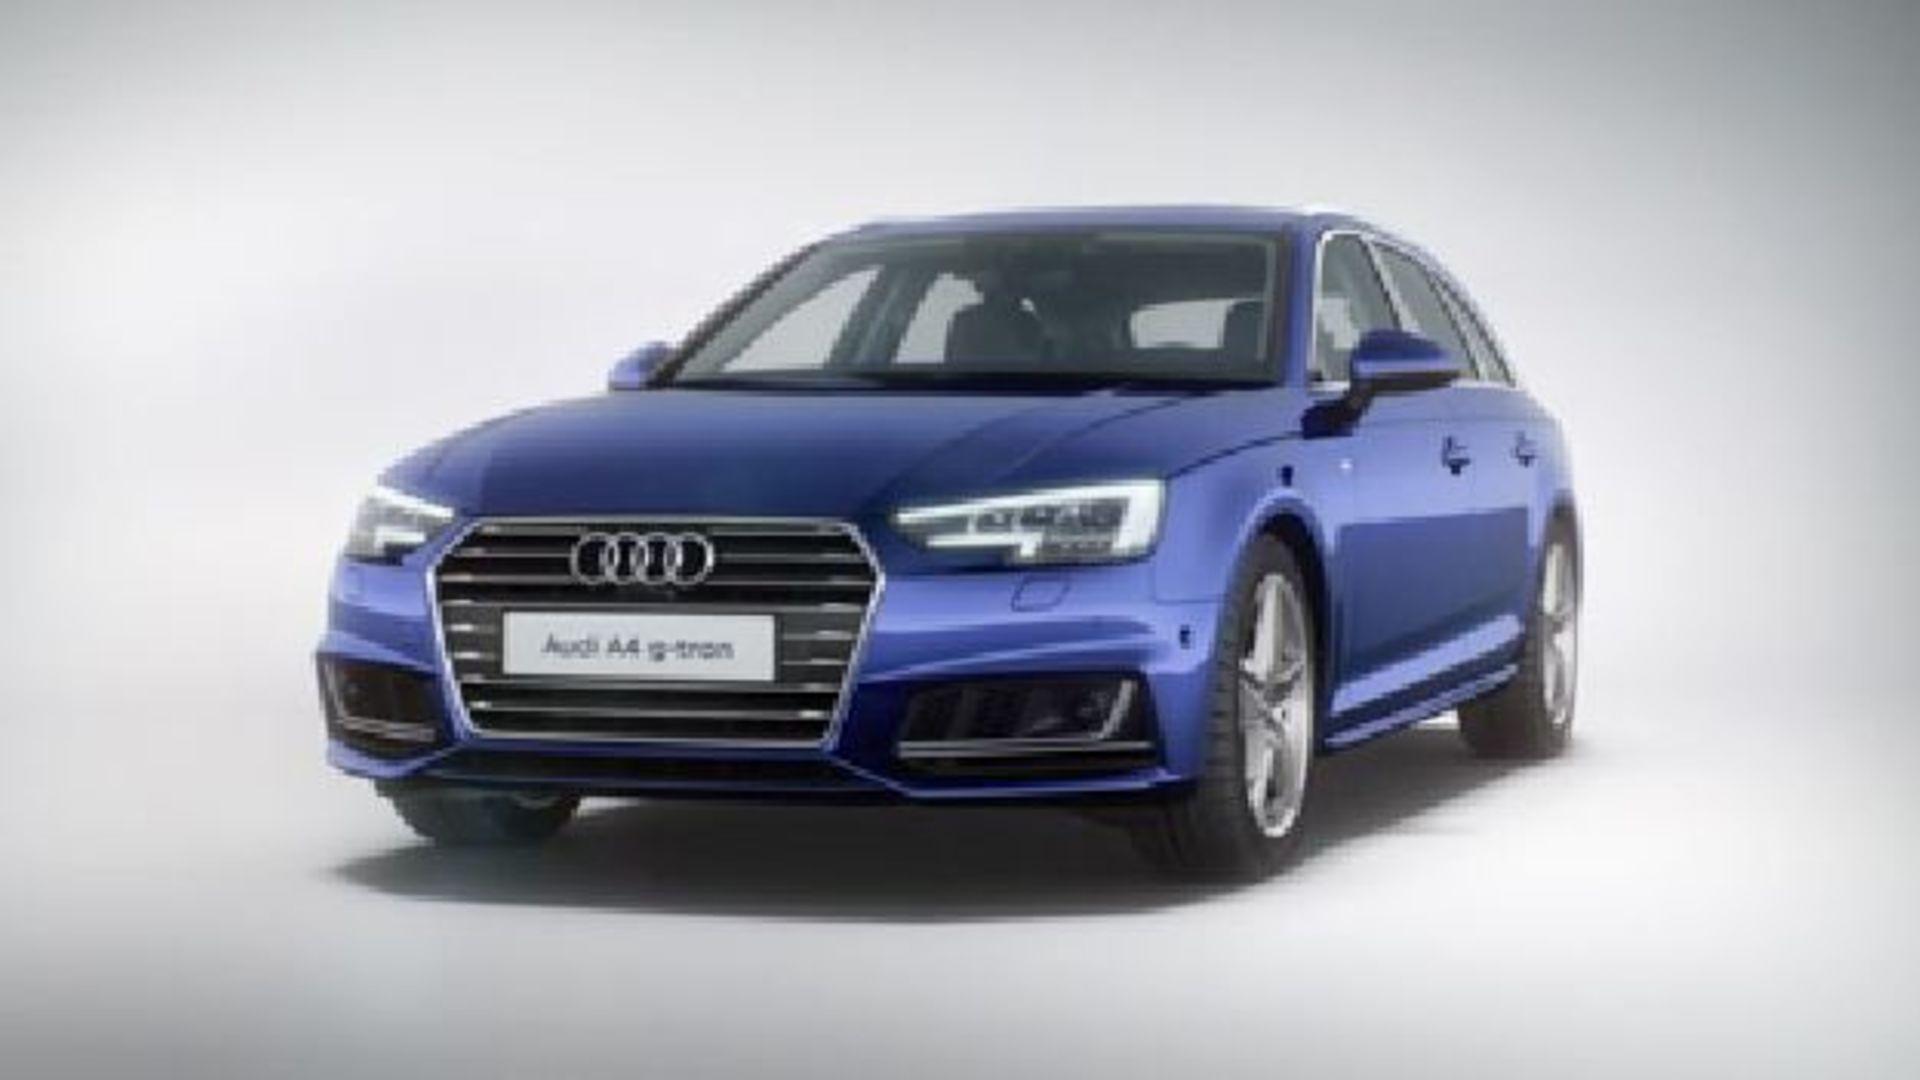 Audi A4 Avant g-tron (2015) Animation